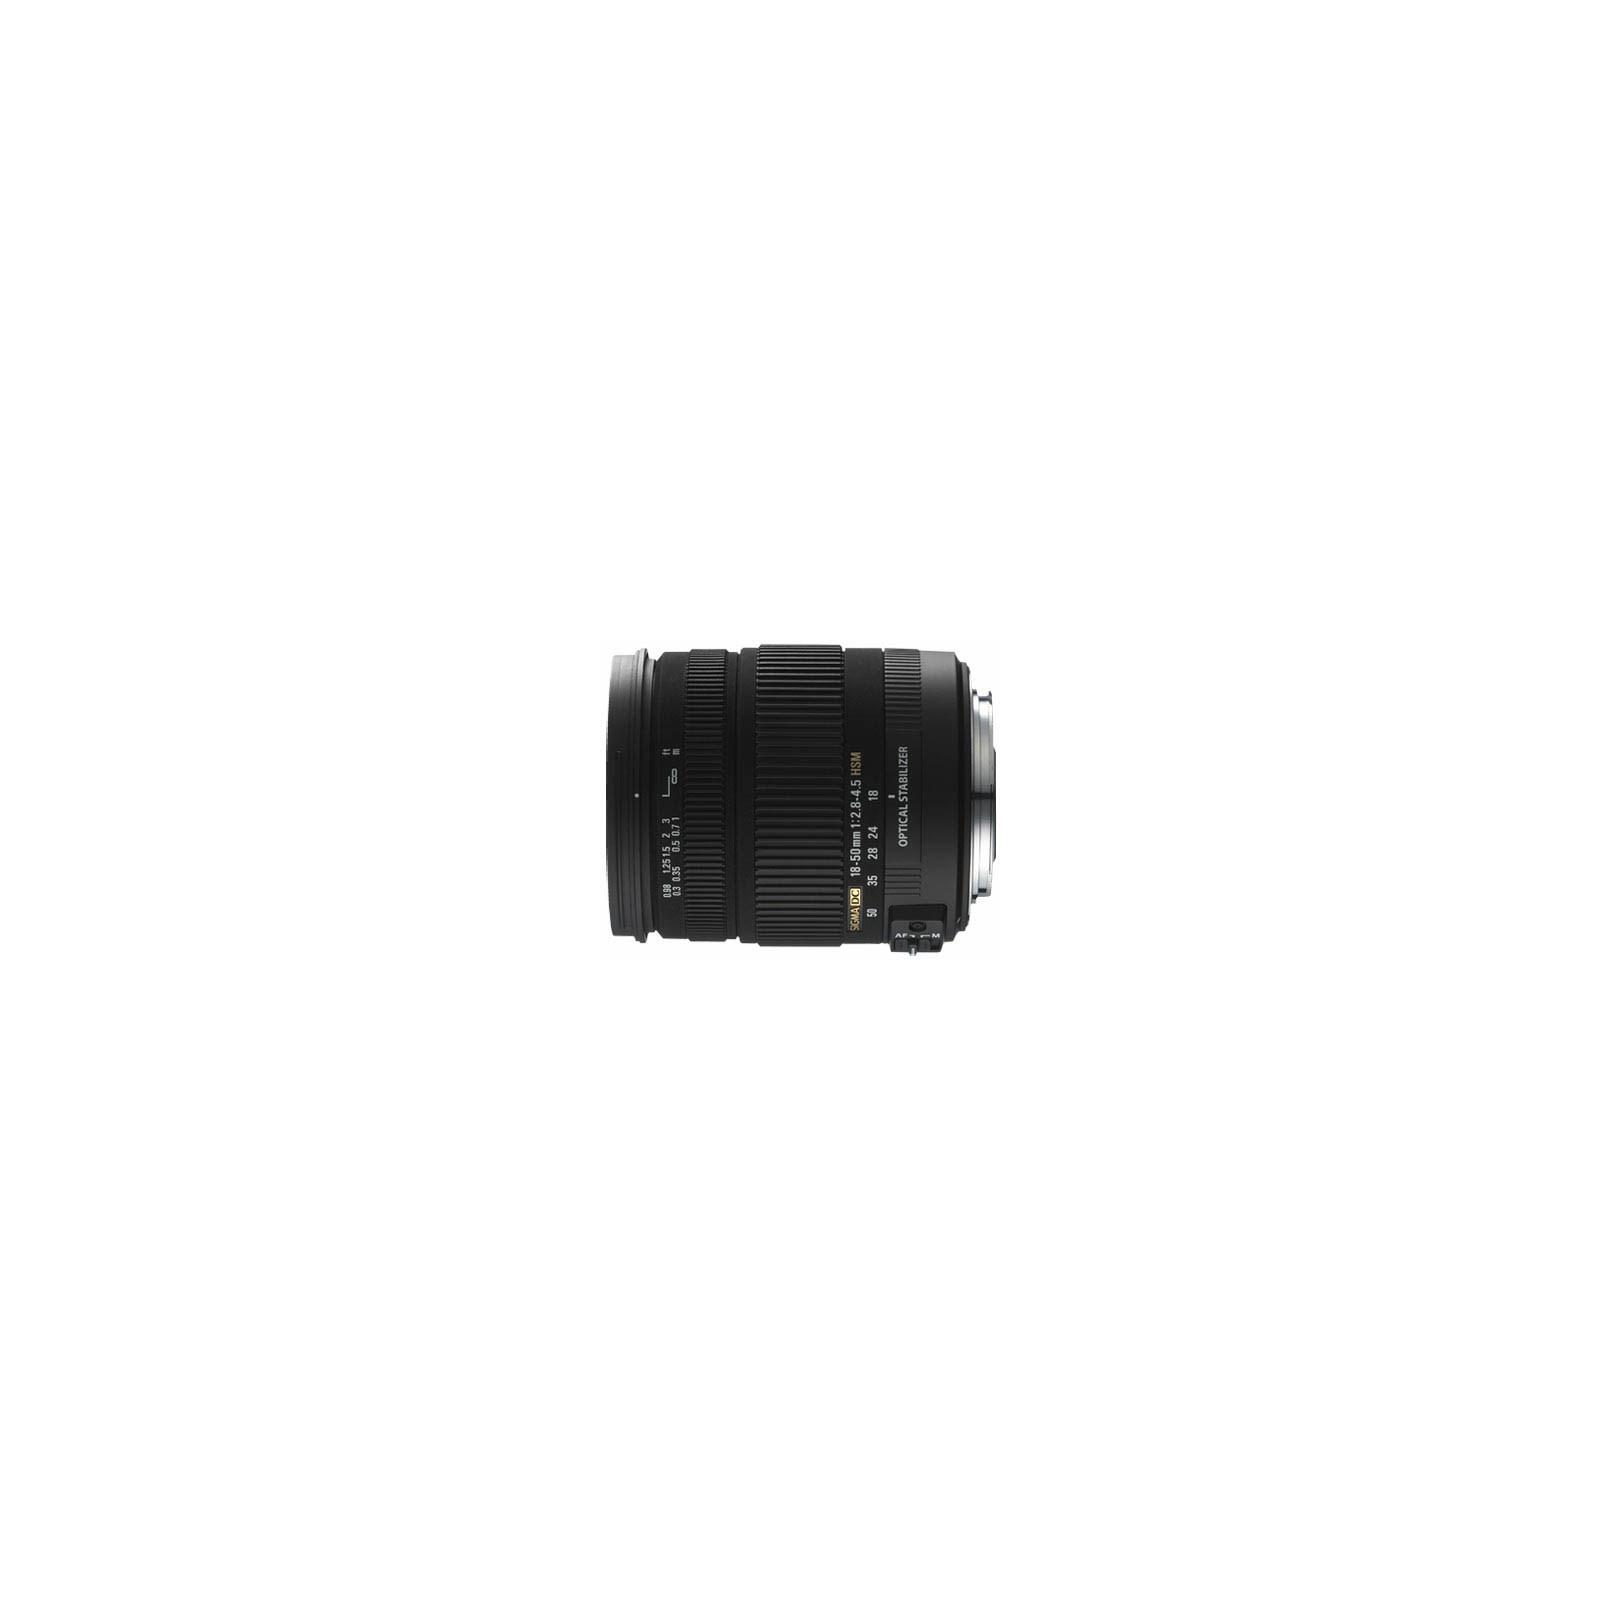 Объектив Sigma 18-50mm f/2.8-4.5 DC OS HSM for Nikon (861955)